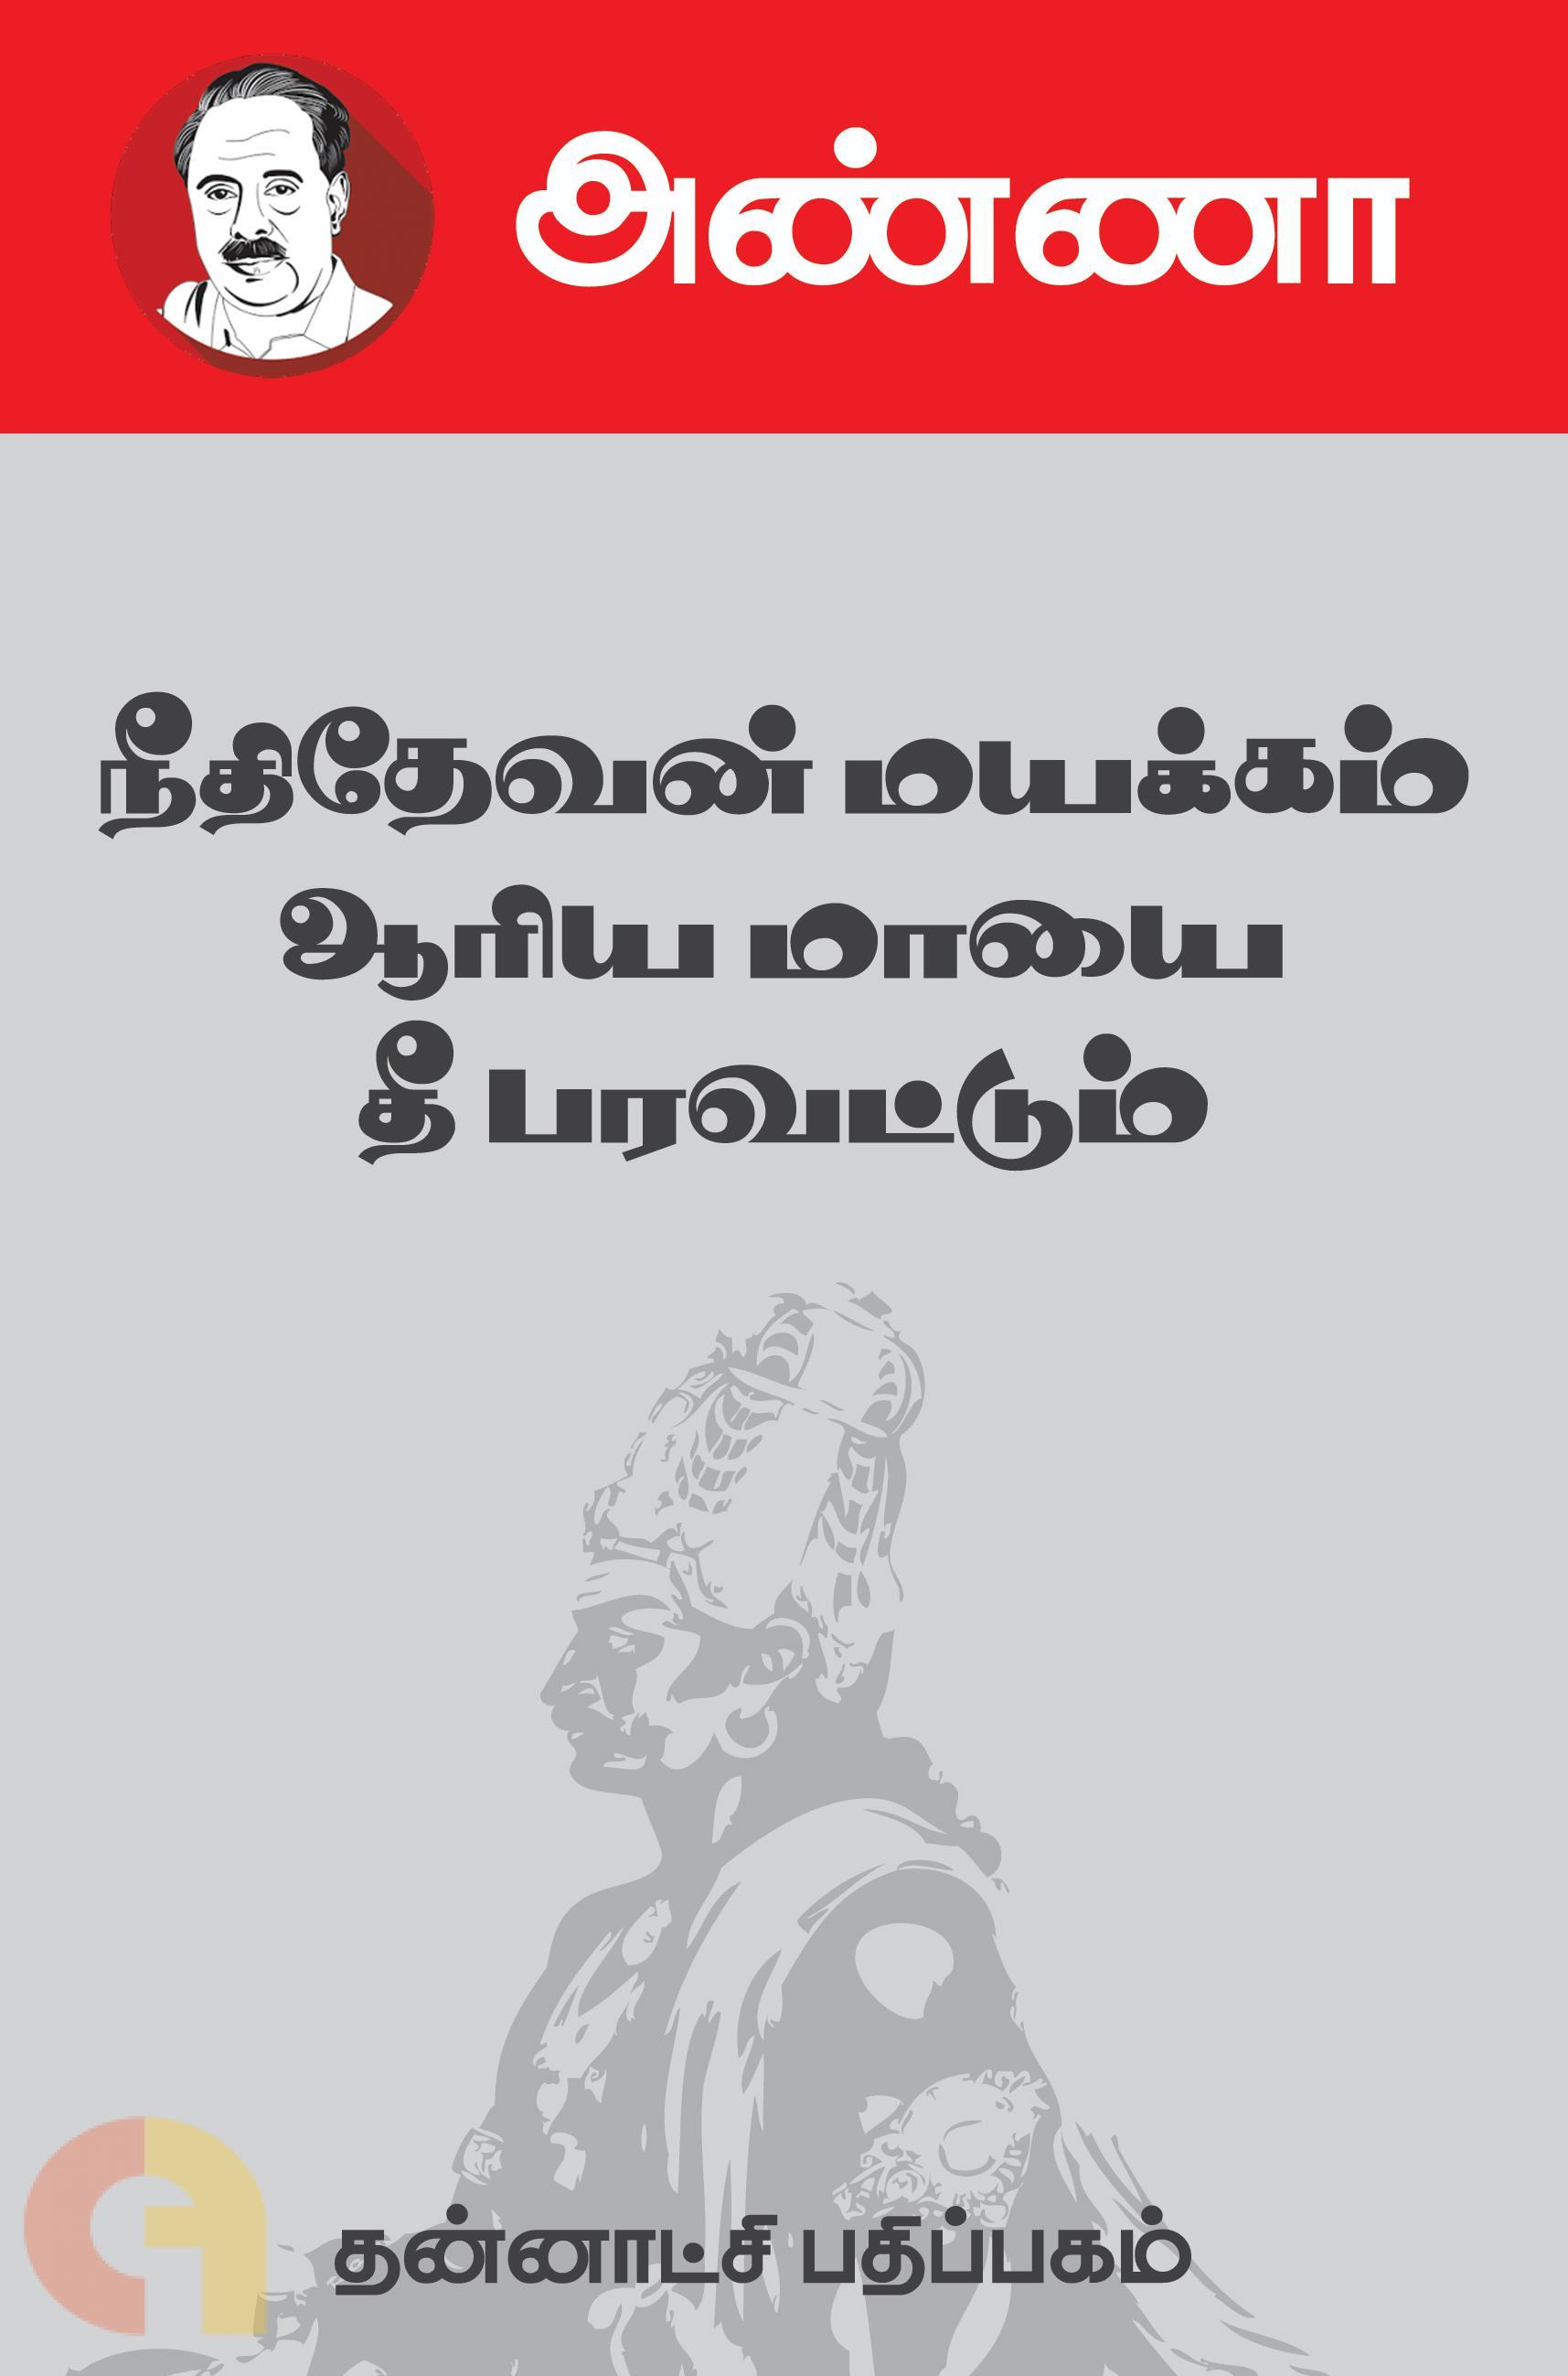 நீதிதேவன் மயக்கம், ஆரிய மாயை, தீ பரவட்டும்